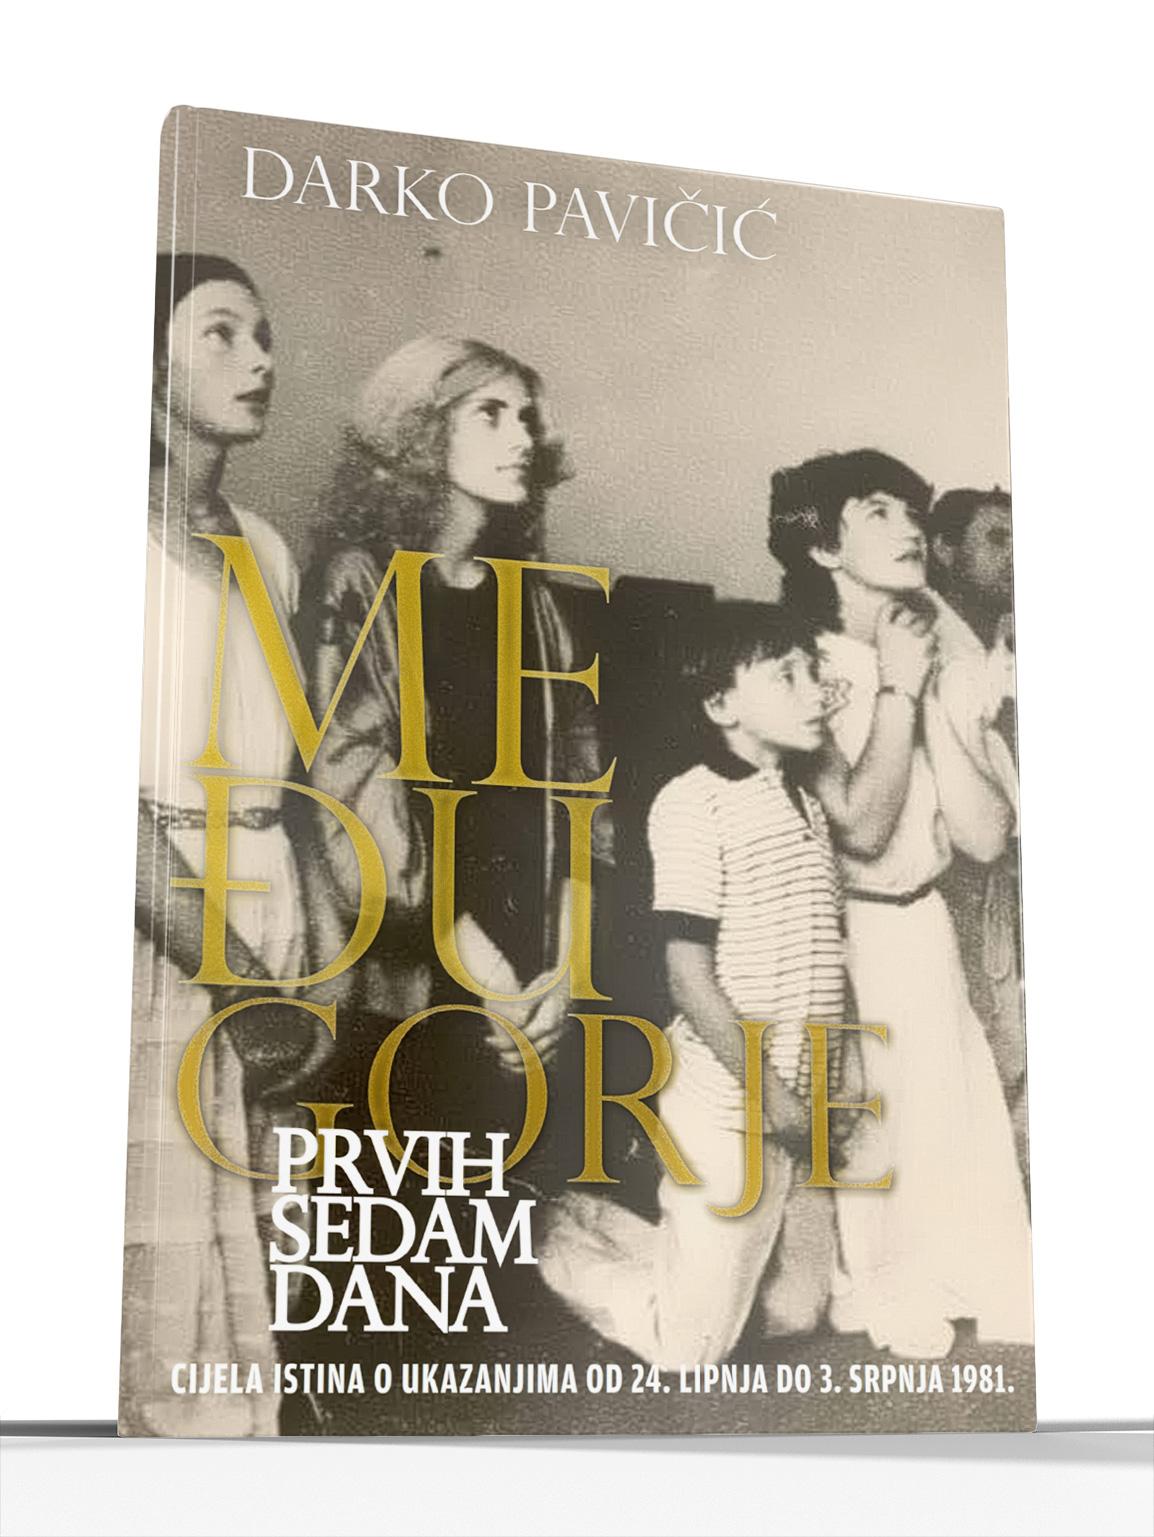 MEĐUGORJE – Prvih sedam dana ukazanja - Darko Pavičić